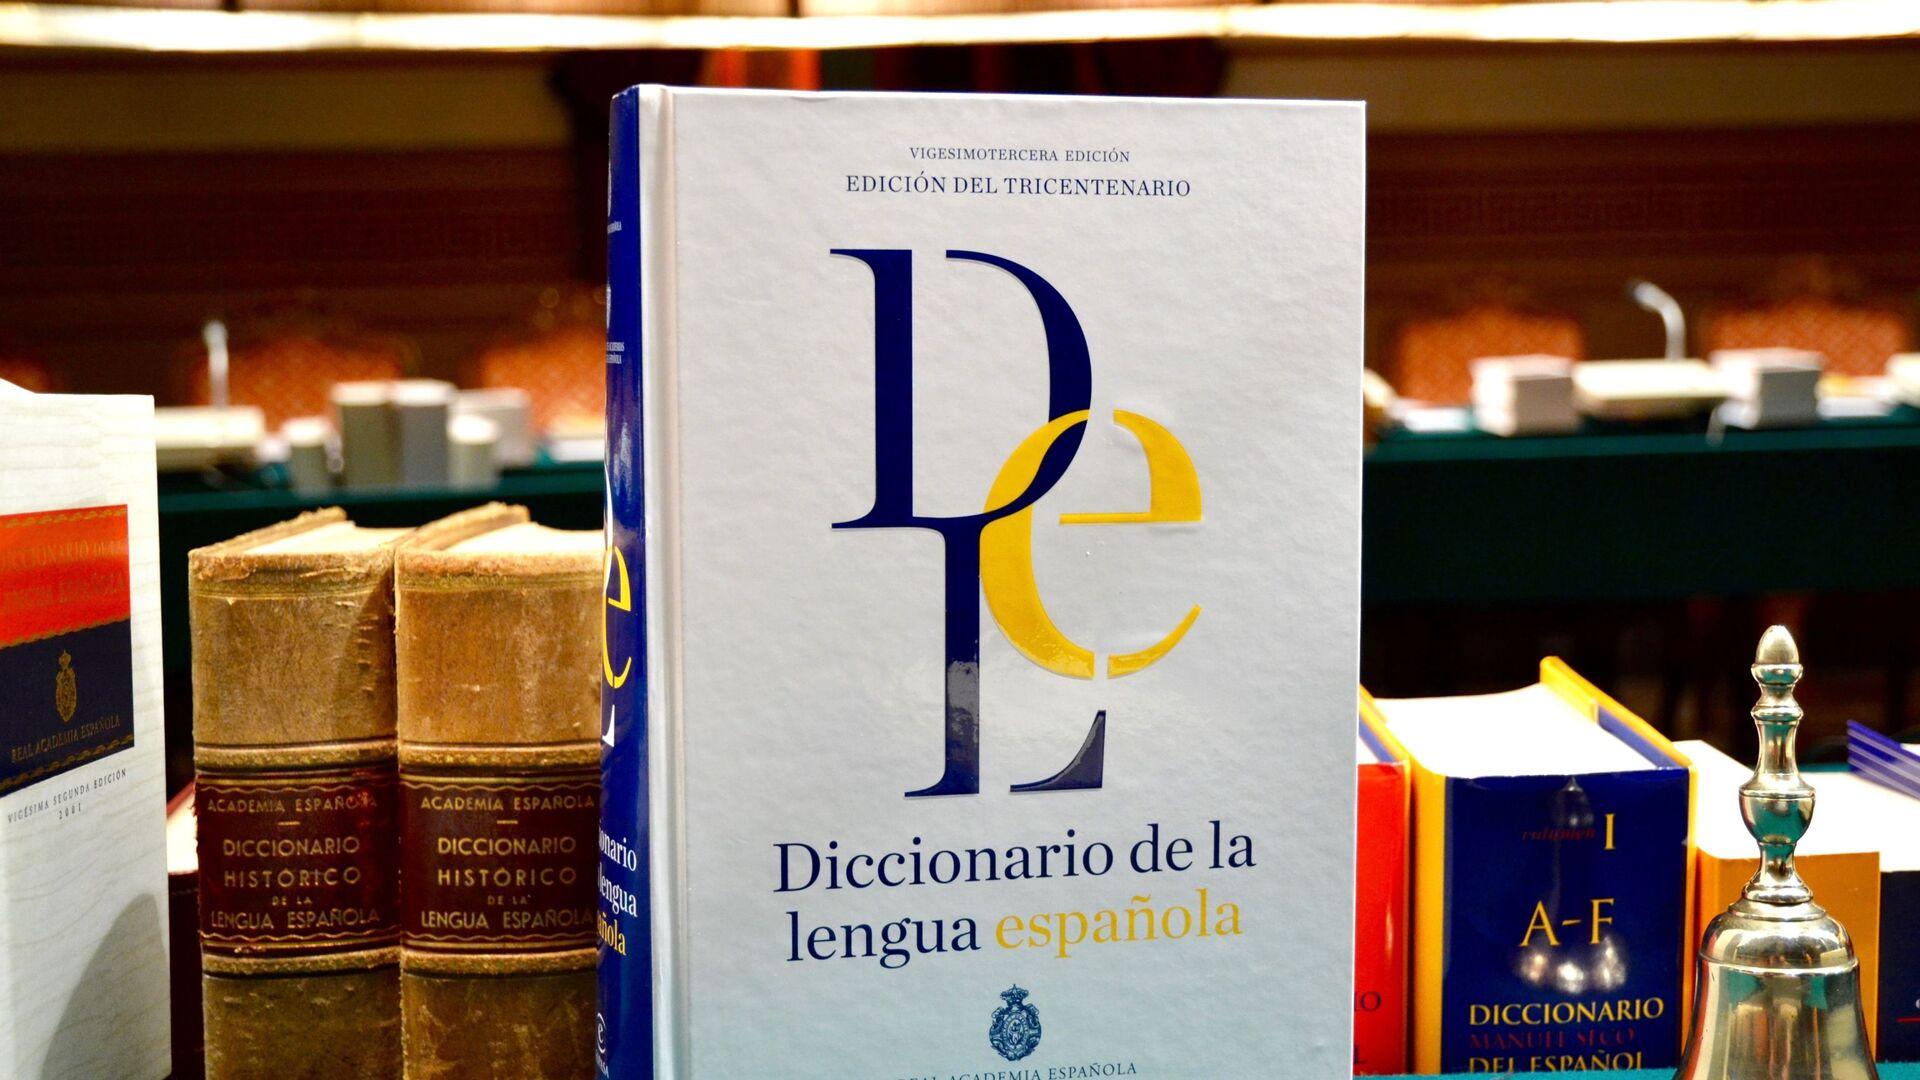 Diccionario de la lengua española - Sputnik Mundo, 1920, 12.10.2021